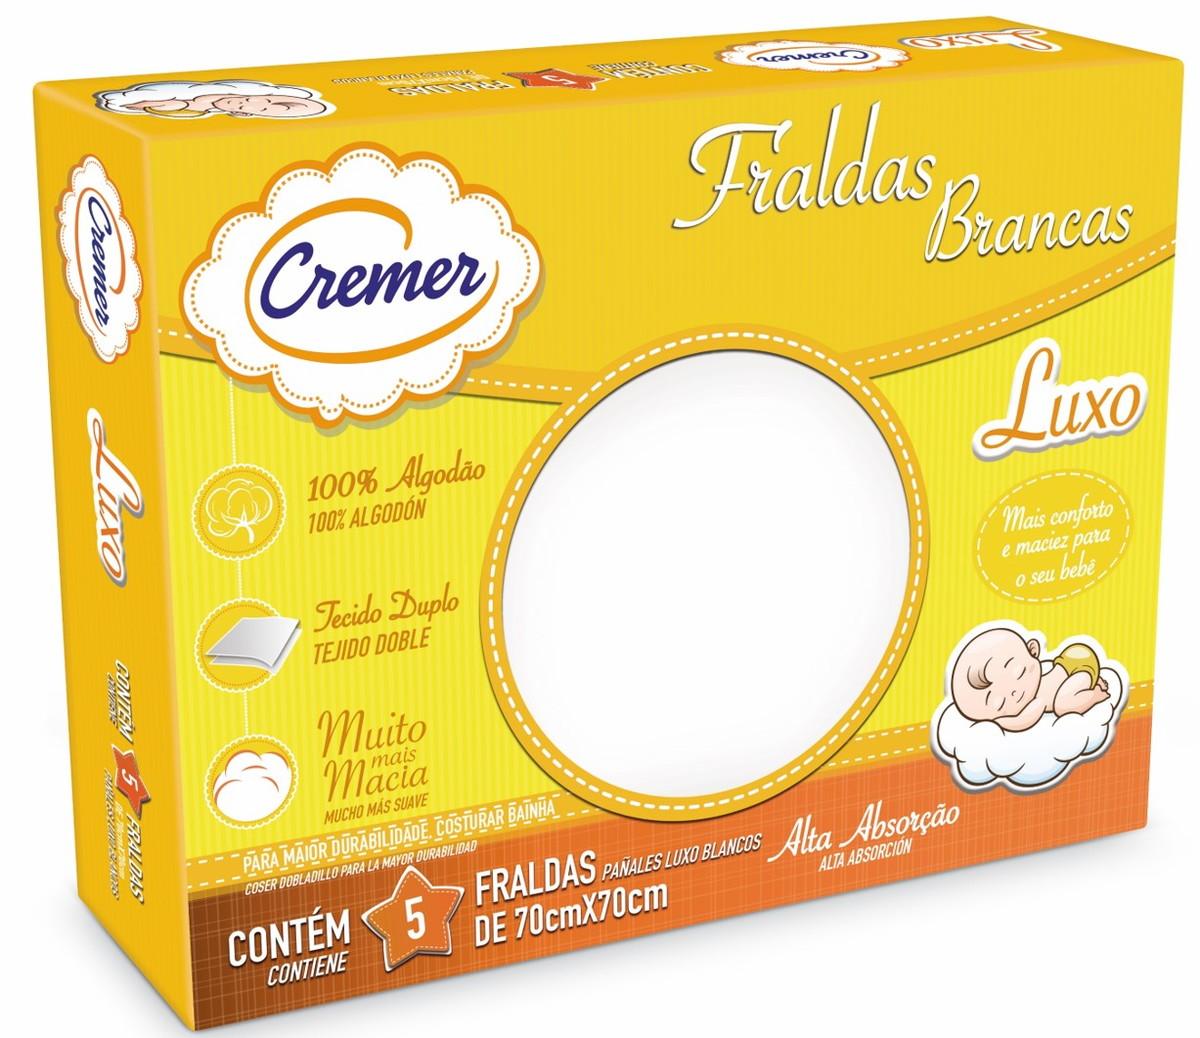 Fralda Luxo Branca 5unid – Cremer